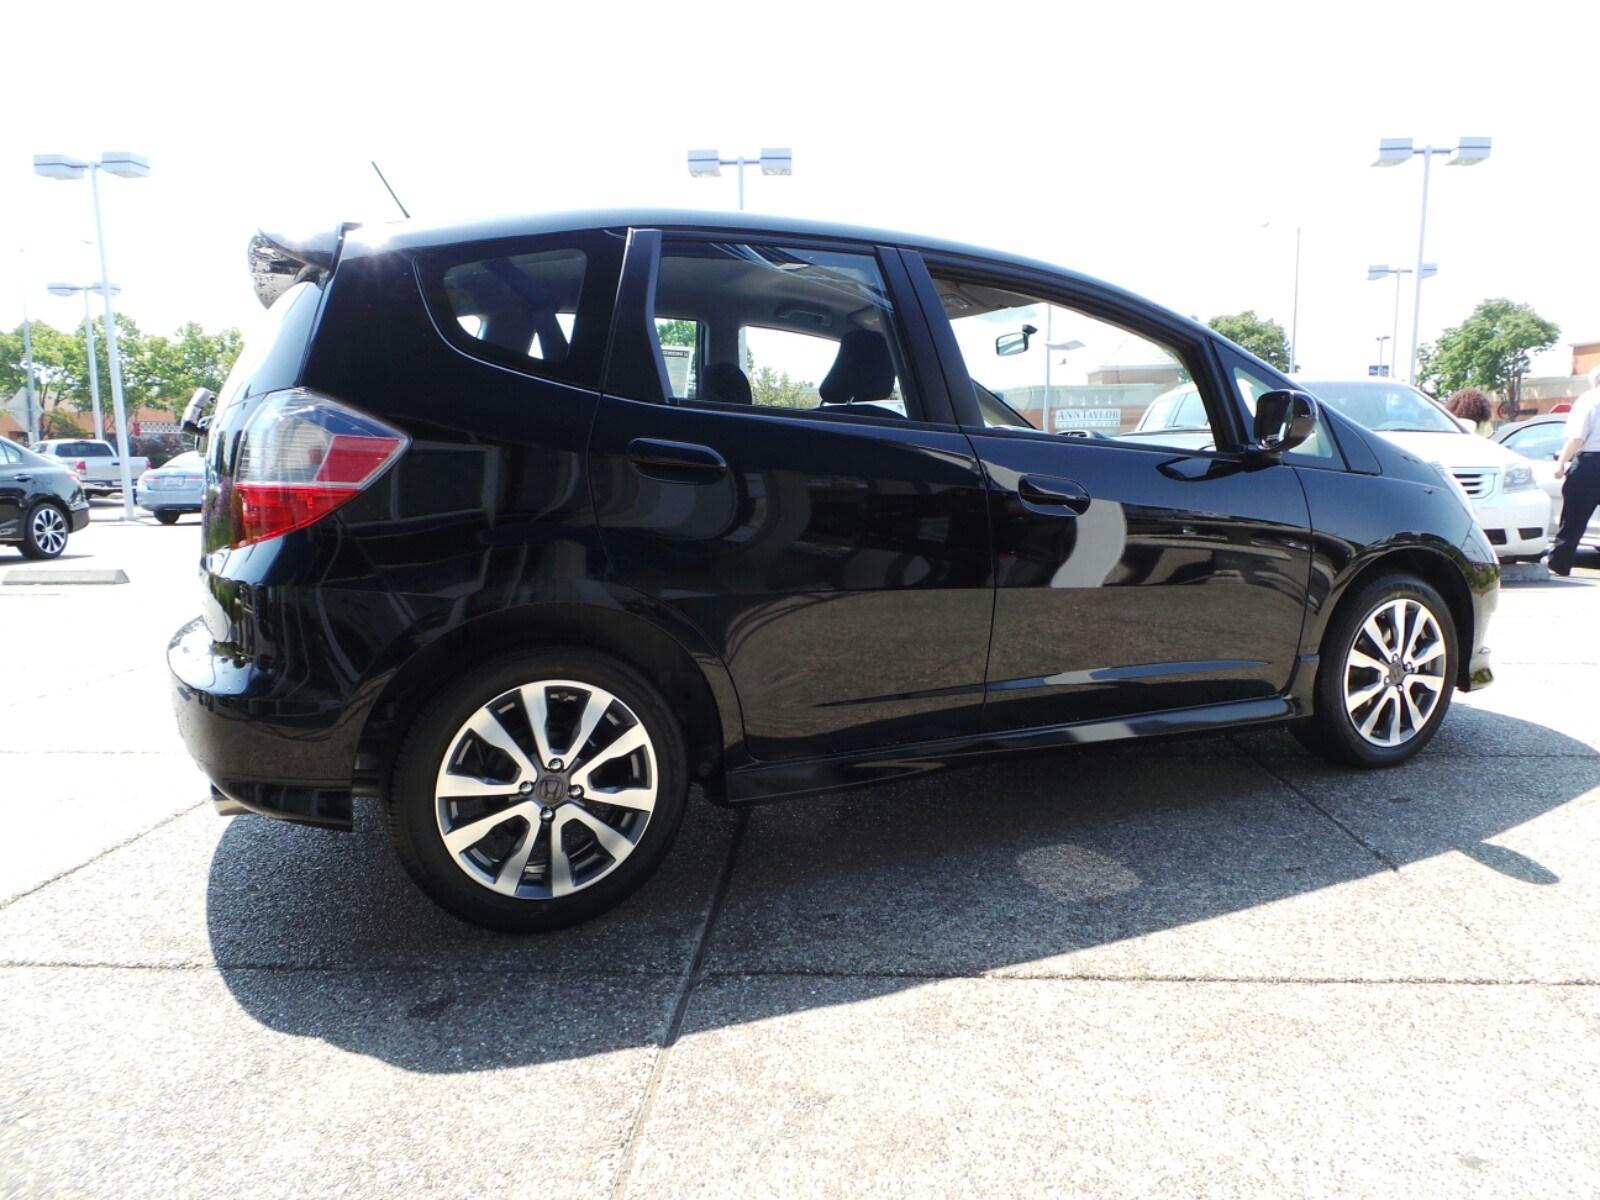 San Leandro Honda Bay Area New Honda Used Car 2017